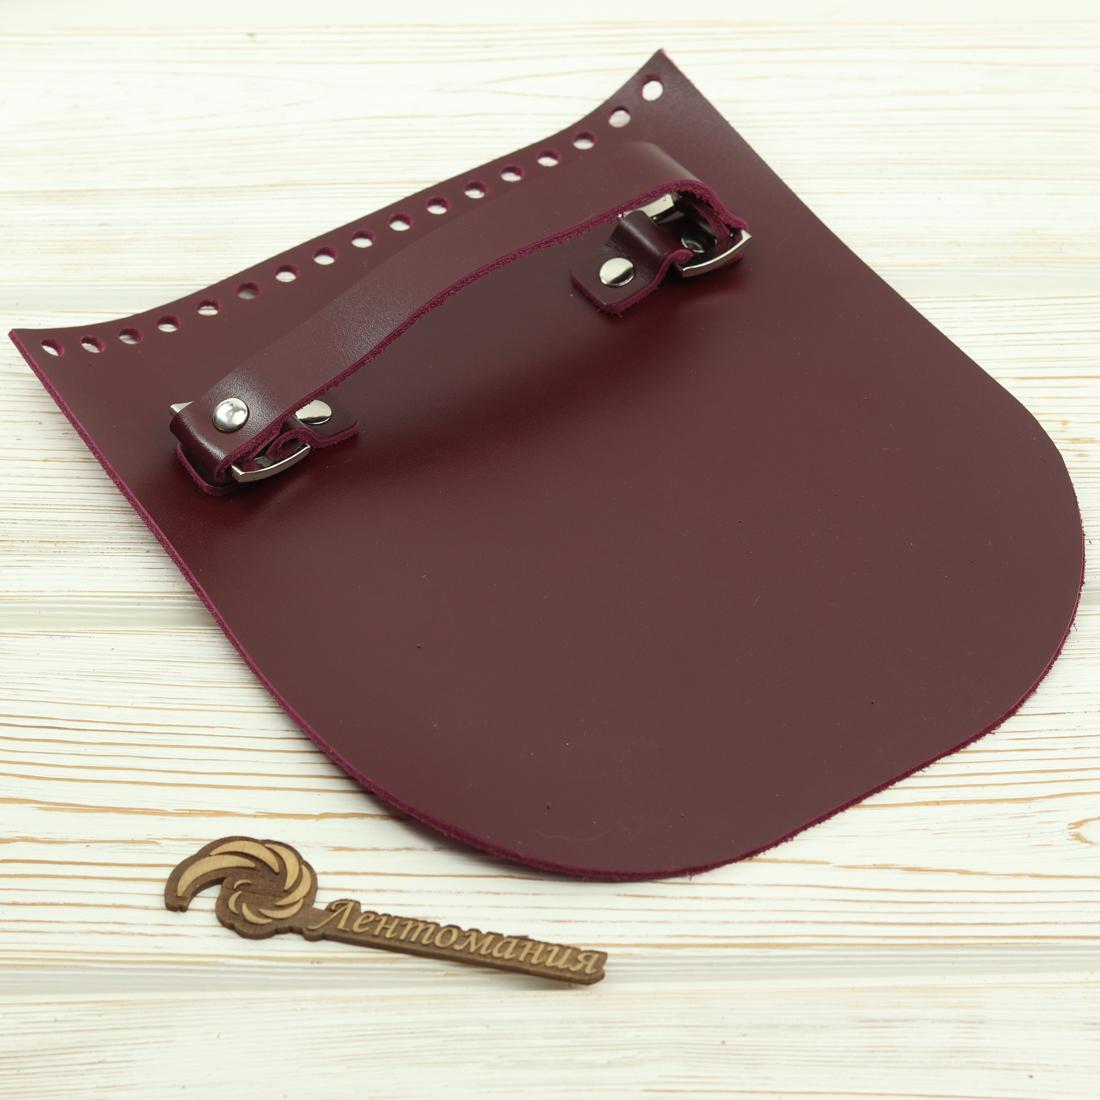 """Вся фурнитура Клапан для сумочки с ручкой кожаный """"Вино"""" IMG_6133.jpg"""